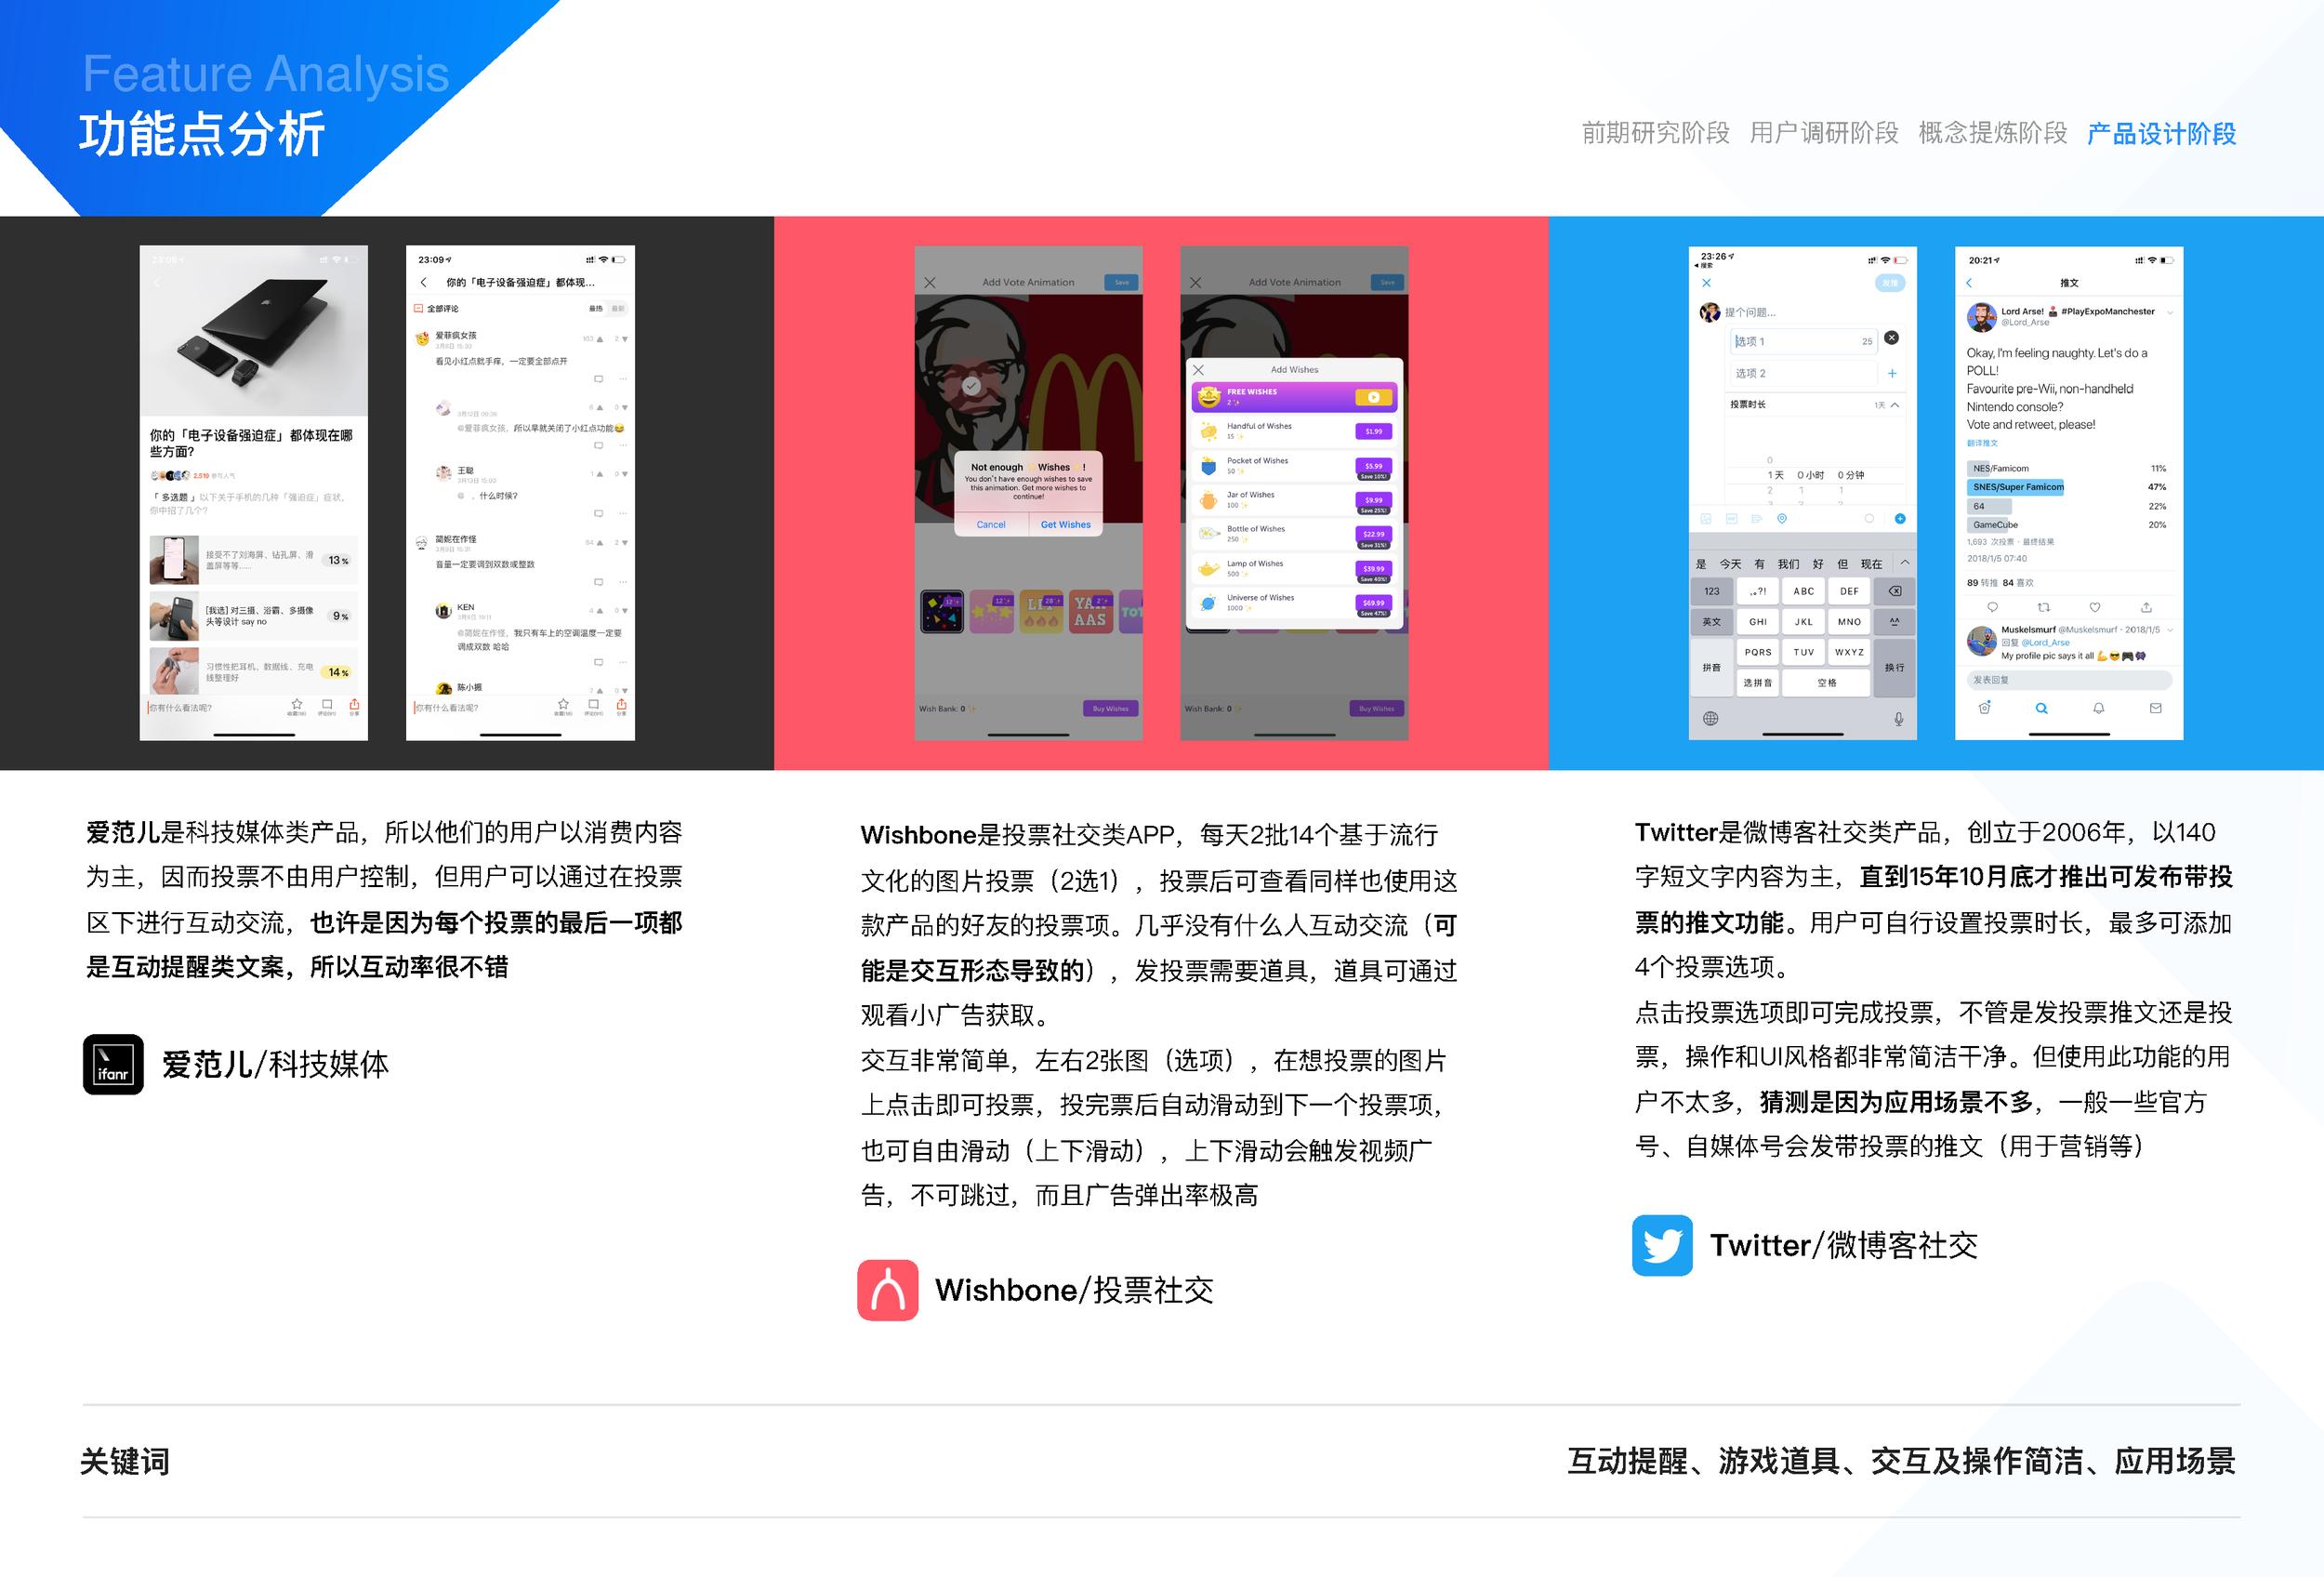 闲鱼社区互动设计(17小组油猫饼)_页面_21.png